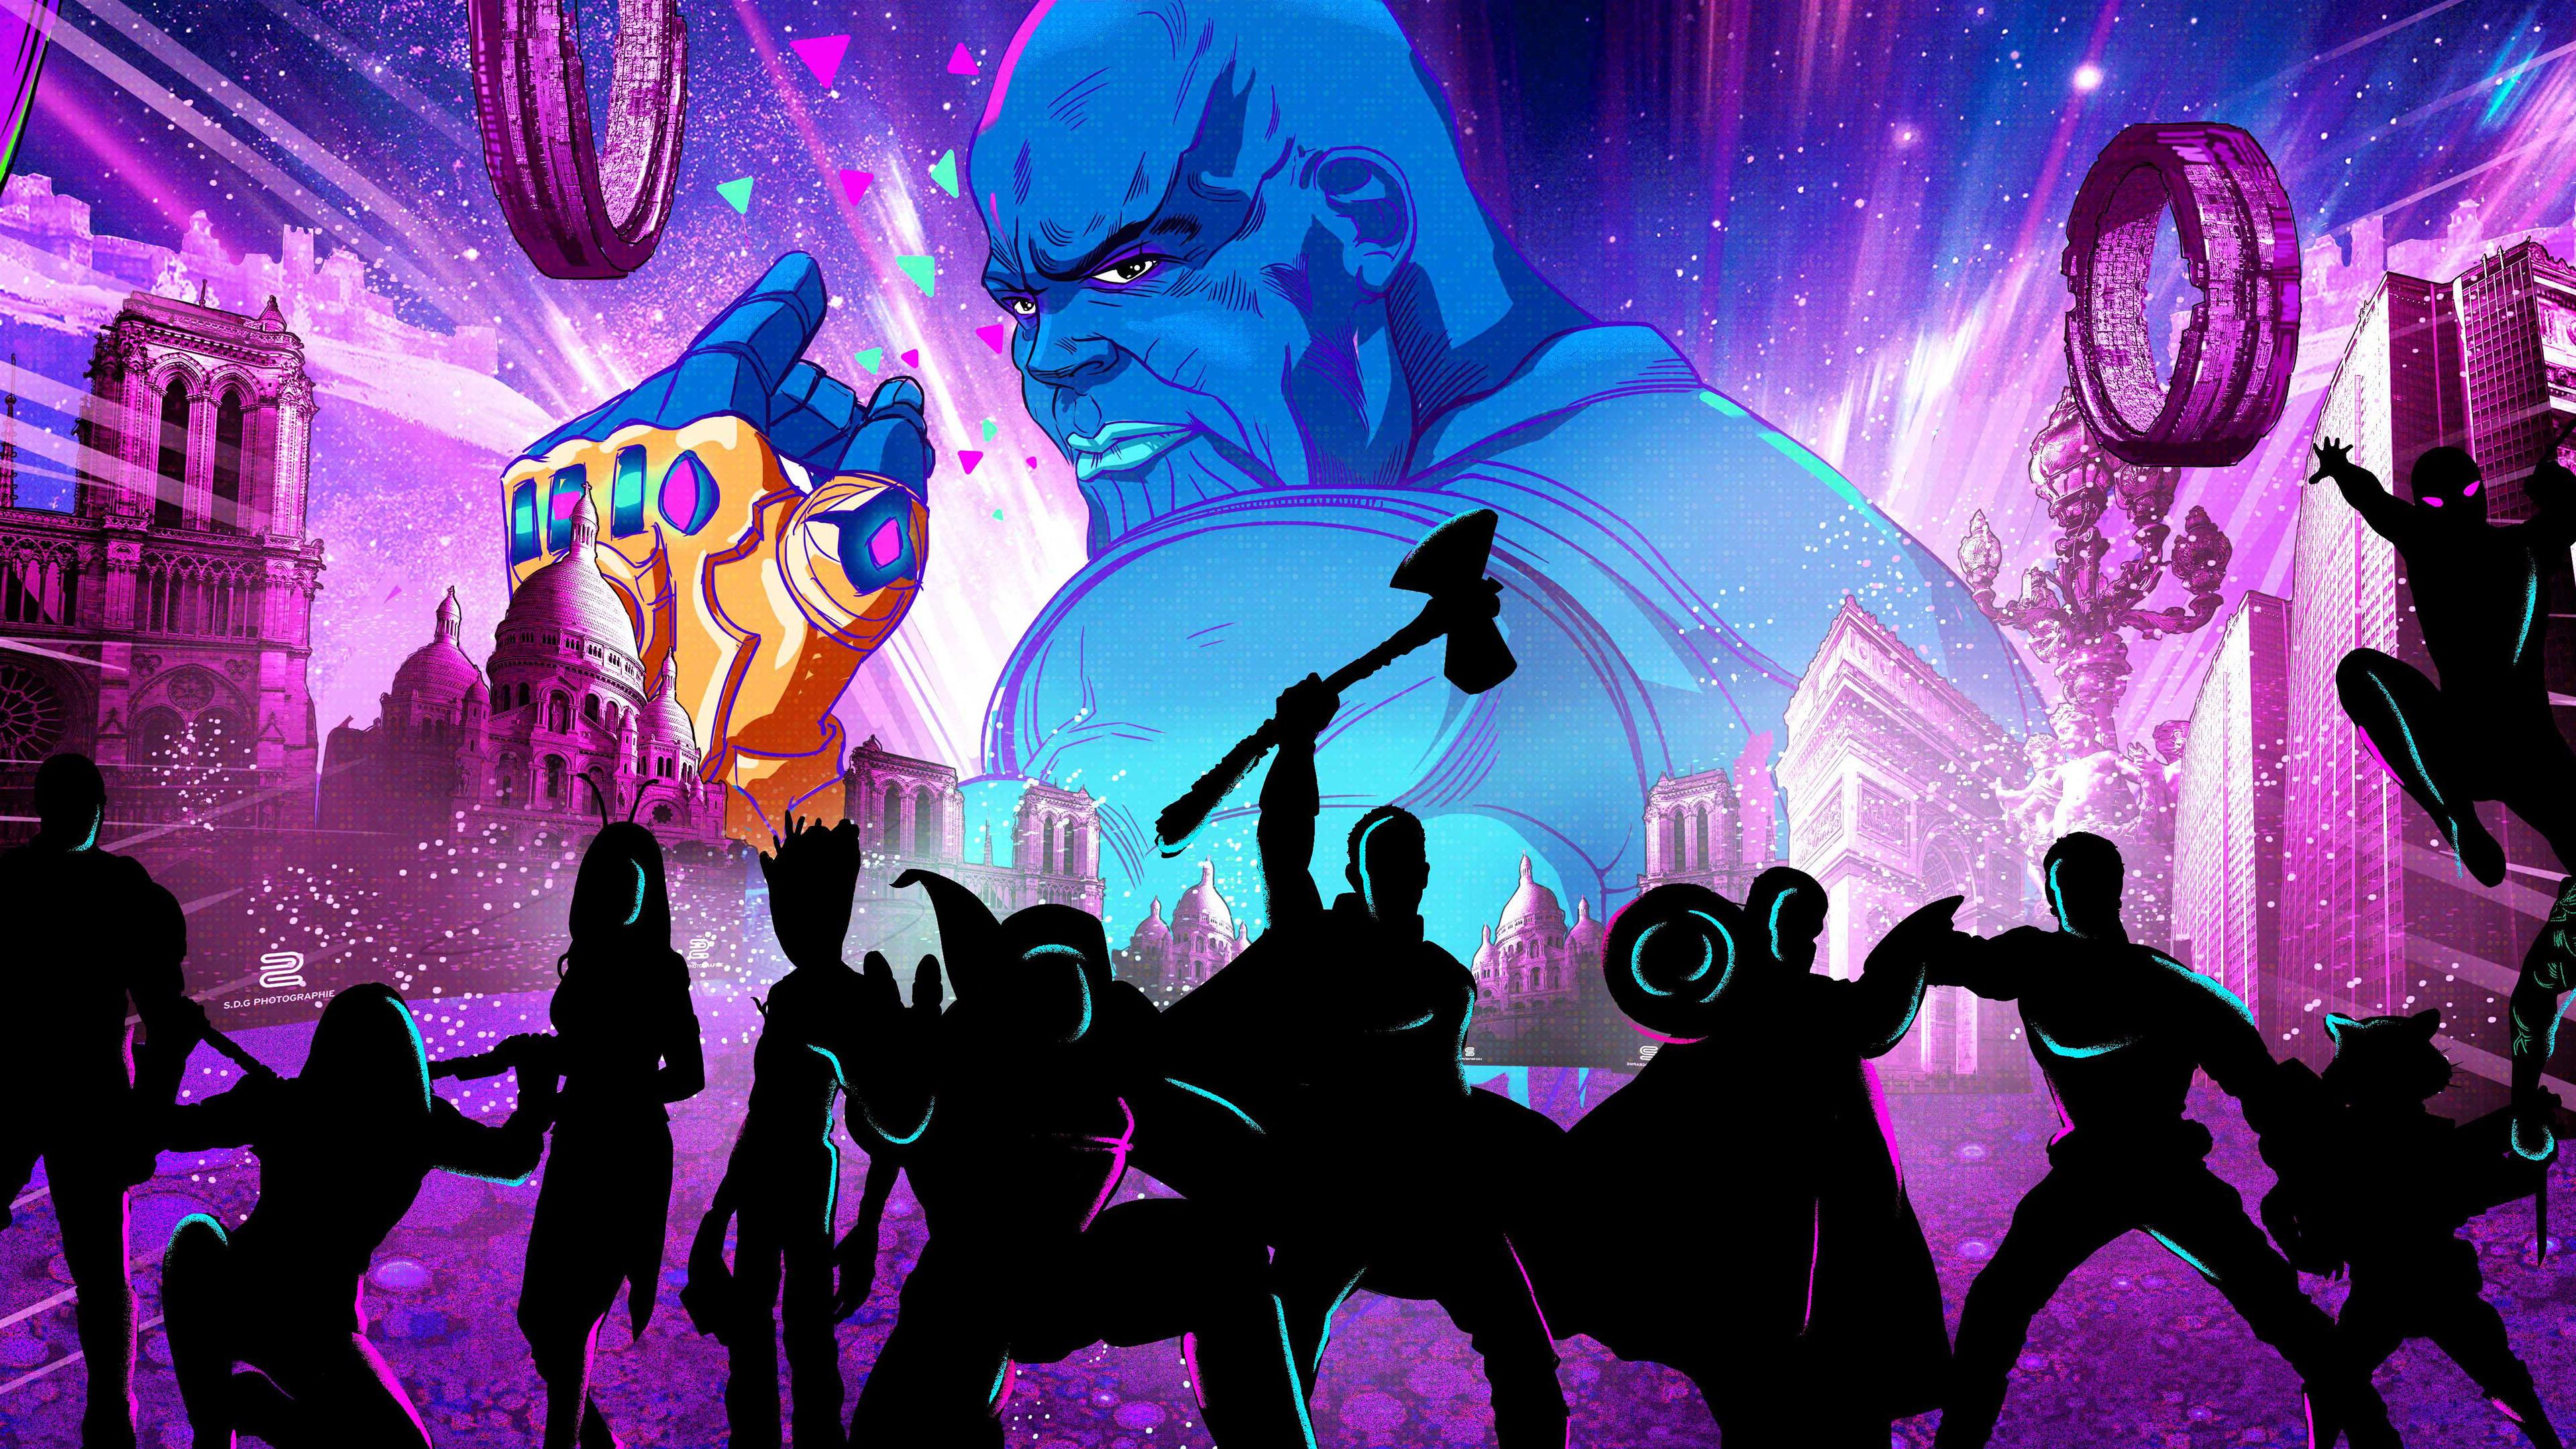 avengers endgame artwork 4k 1554245018 - Avengers Endgame Artwork 4k - thor wallpapers, thanos-wallpapers, superheroes wallpapers, movies wallpapers, iron man wallpapers, hd-wallpapers, captain america wallpapers, behance wallpapers, avengers endgame wallpapers, artwork wallpapers, 4k-wallpapers, 2019 movies wallpapers